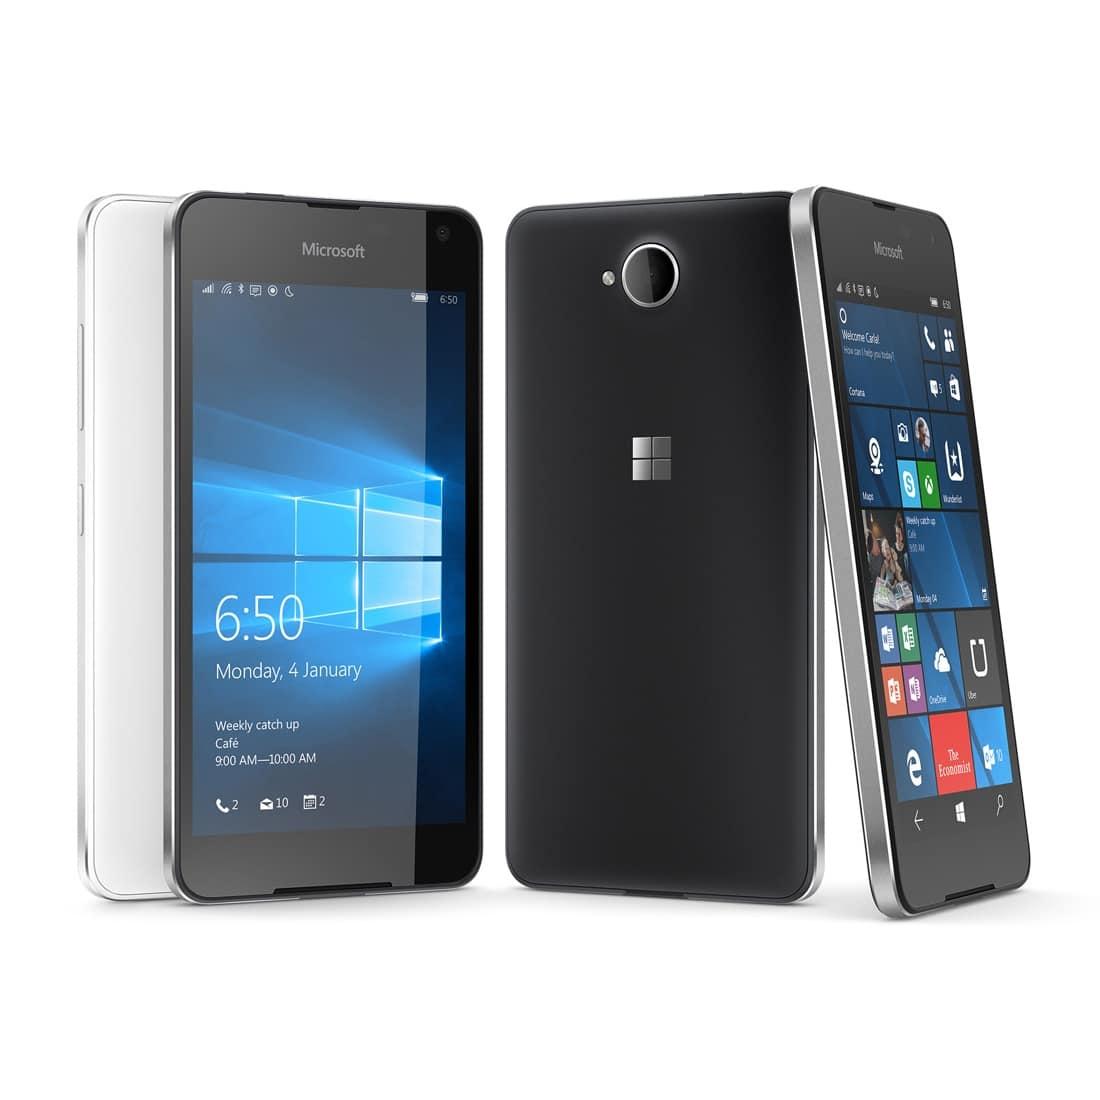 Nokia 650 Lumia